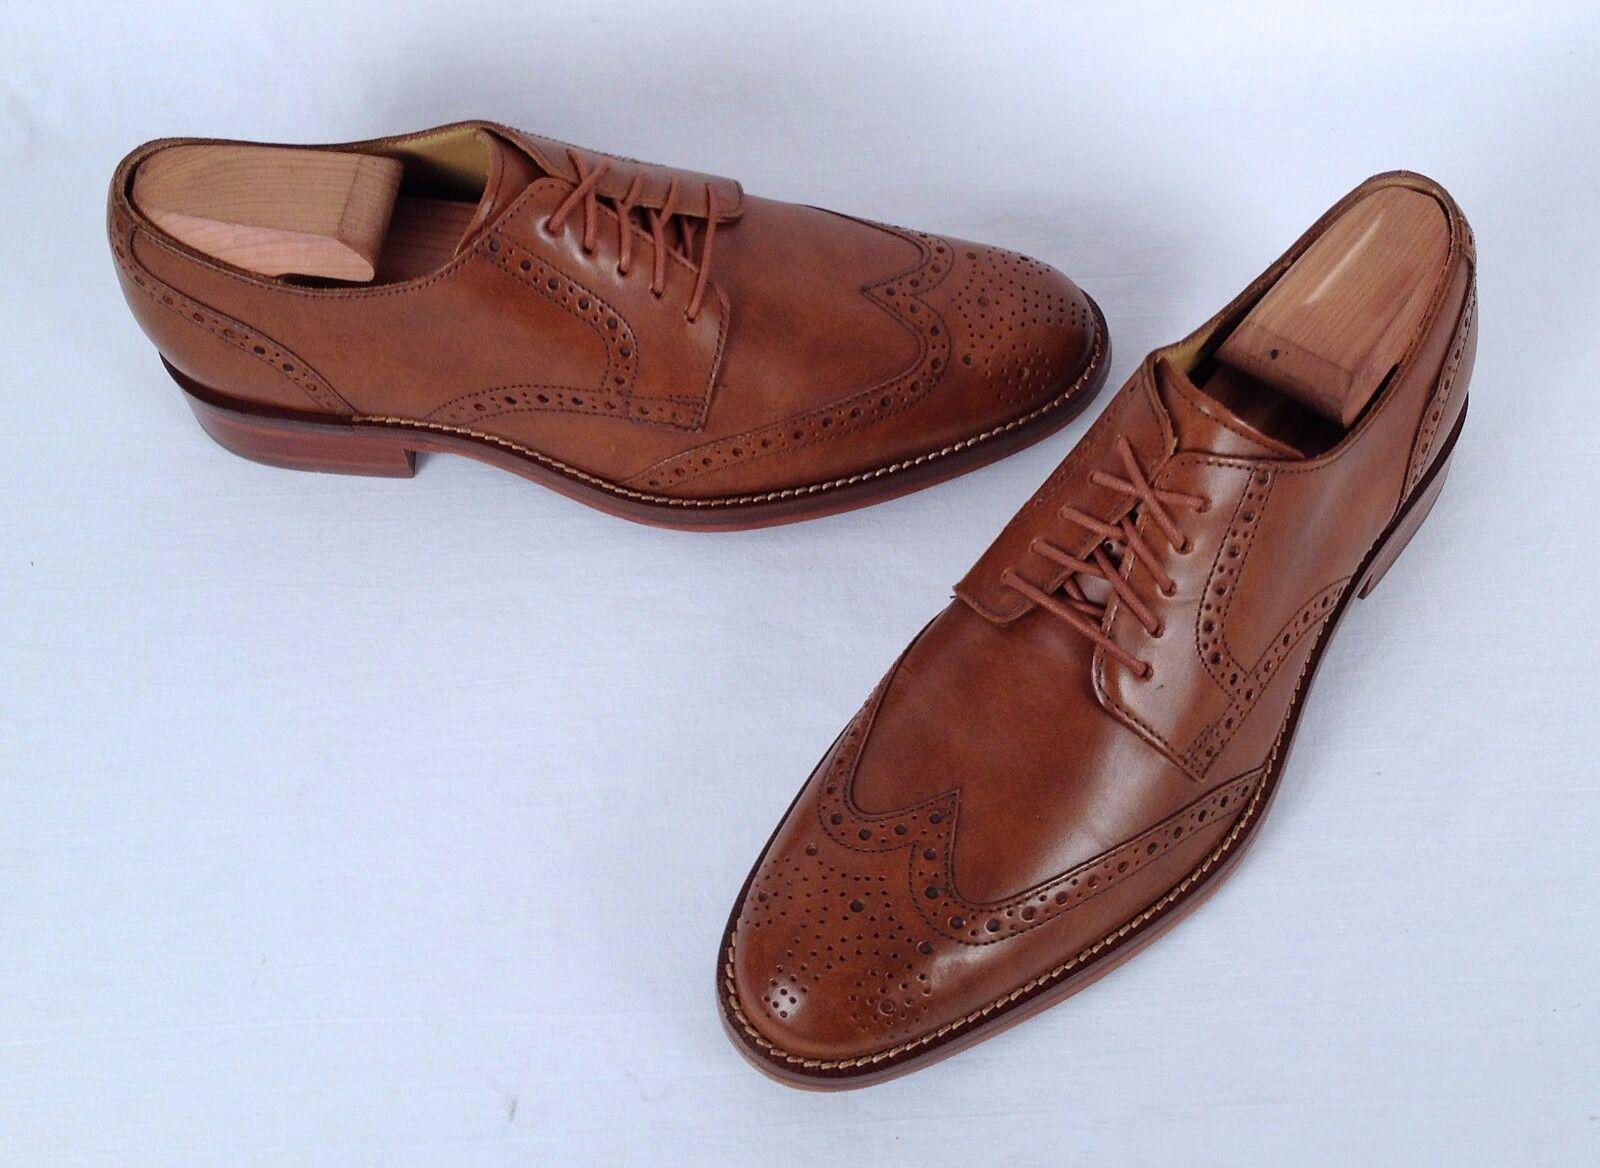 Cole Haan Wingtip Oxford British Tan Size 8 M   (CH2) Scarpe classiche da uomo